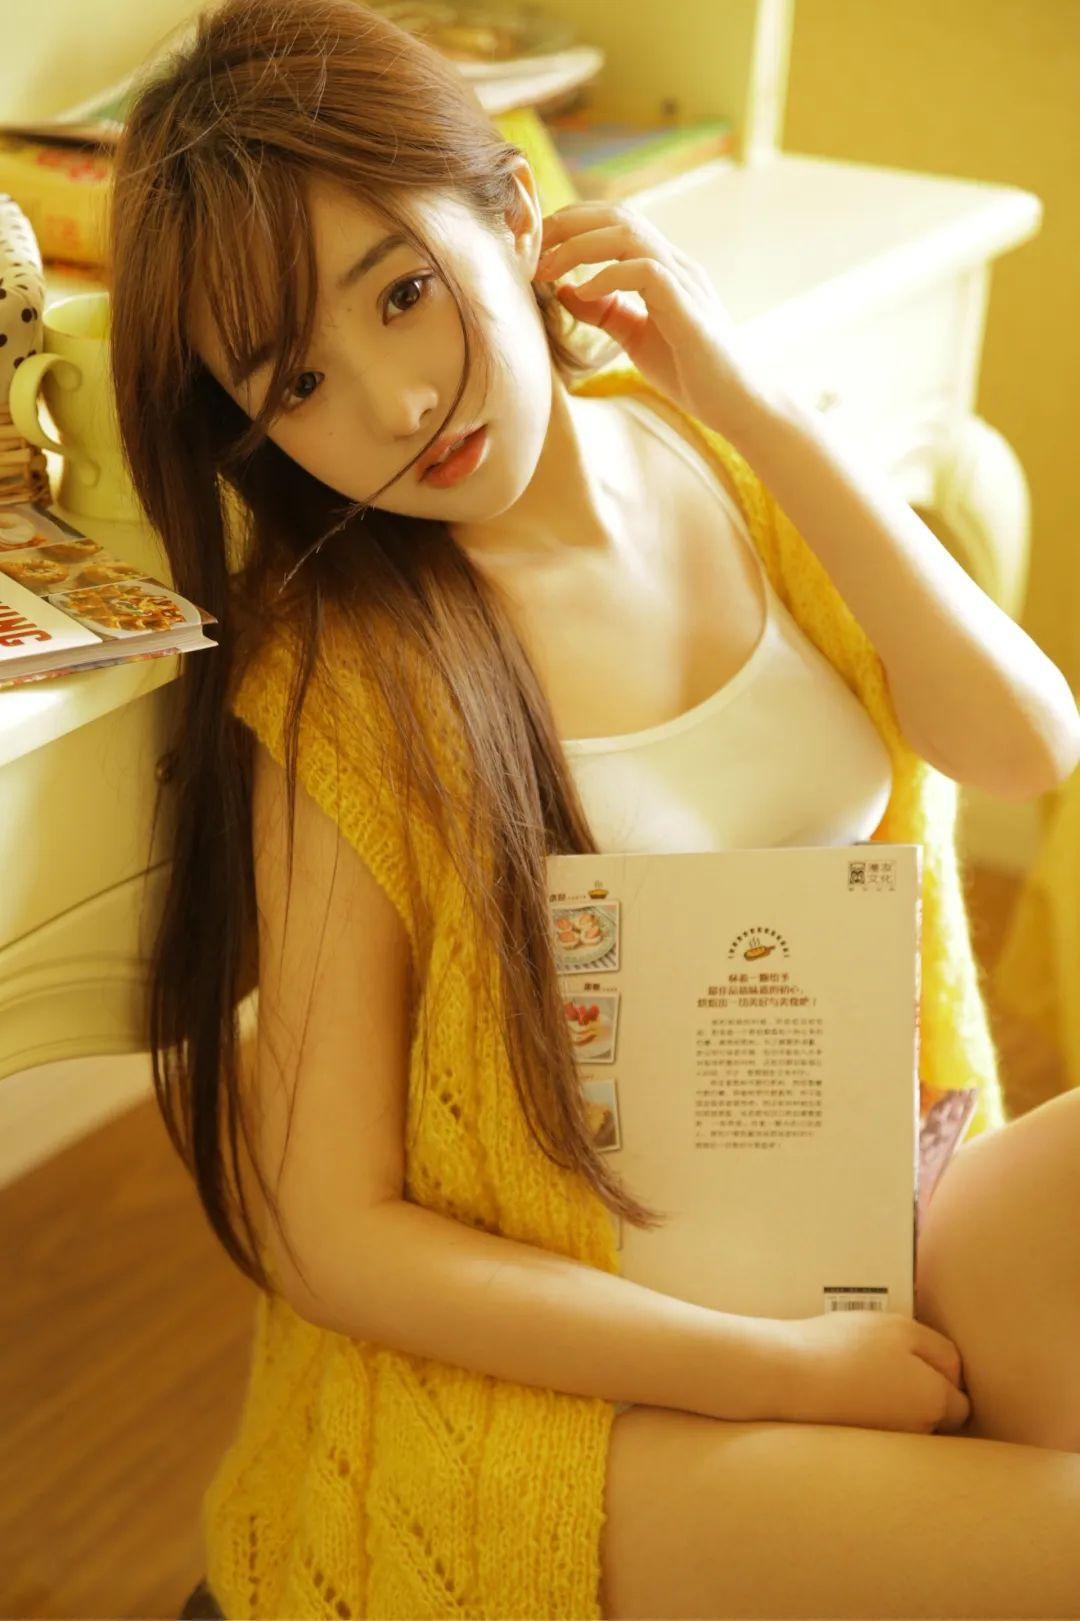 妹子摄影 – 淡黄的毛衣,修长的玉腿,治愈系美少女_图片 No.2